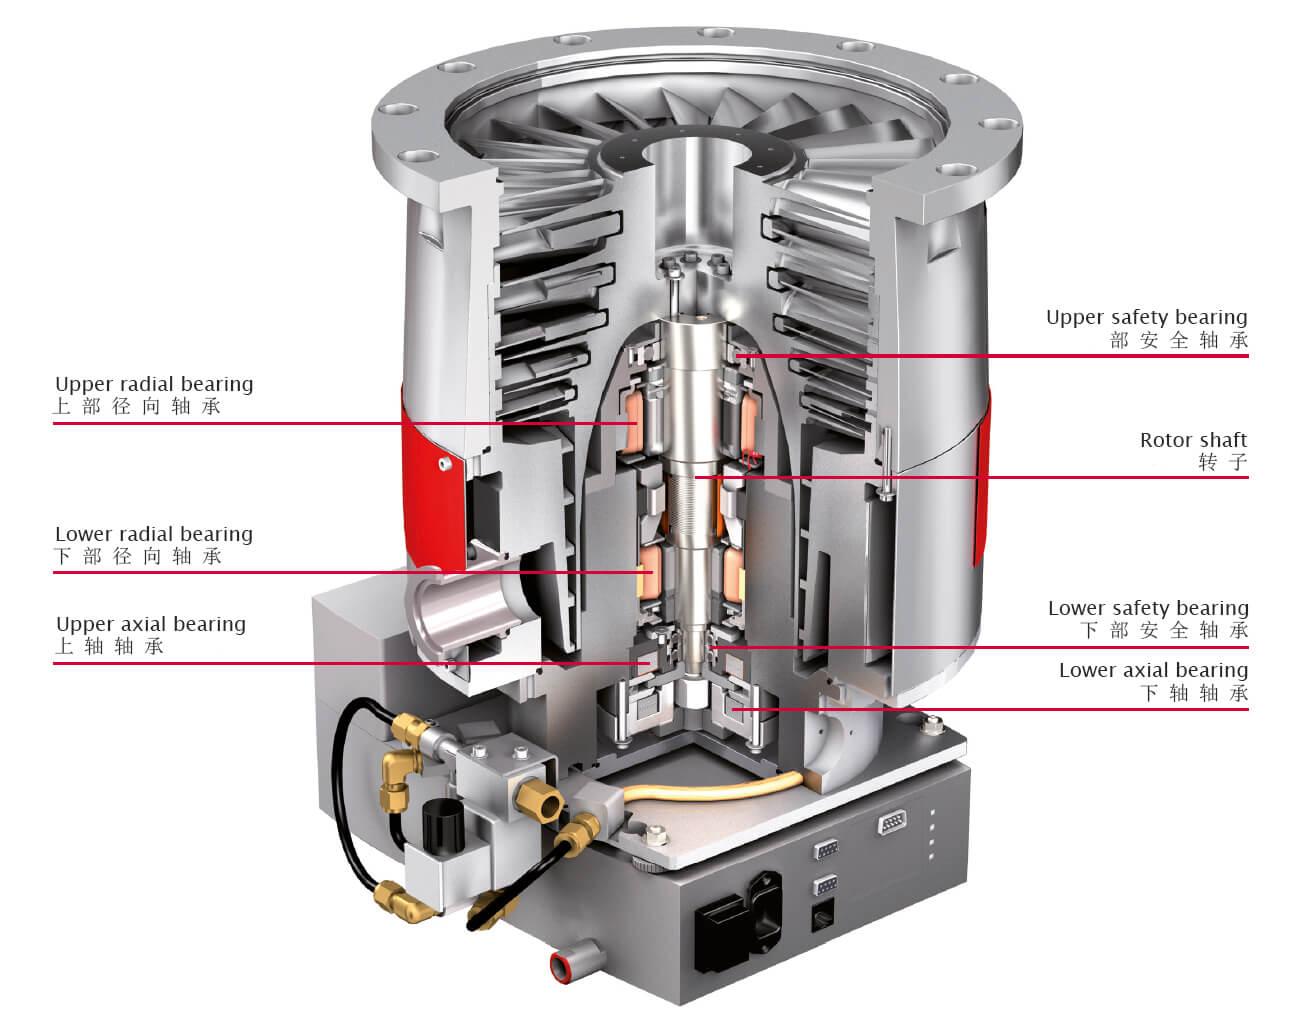 5轴磁悬浮涡轮分子泵